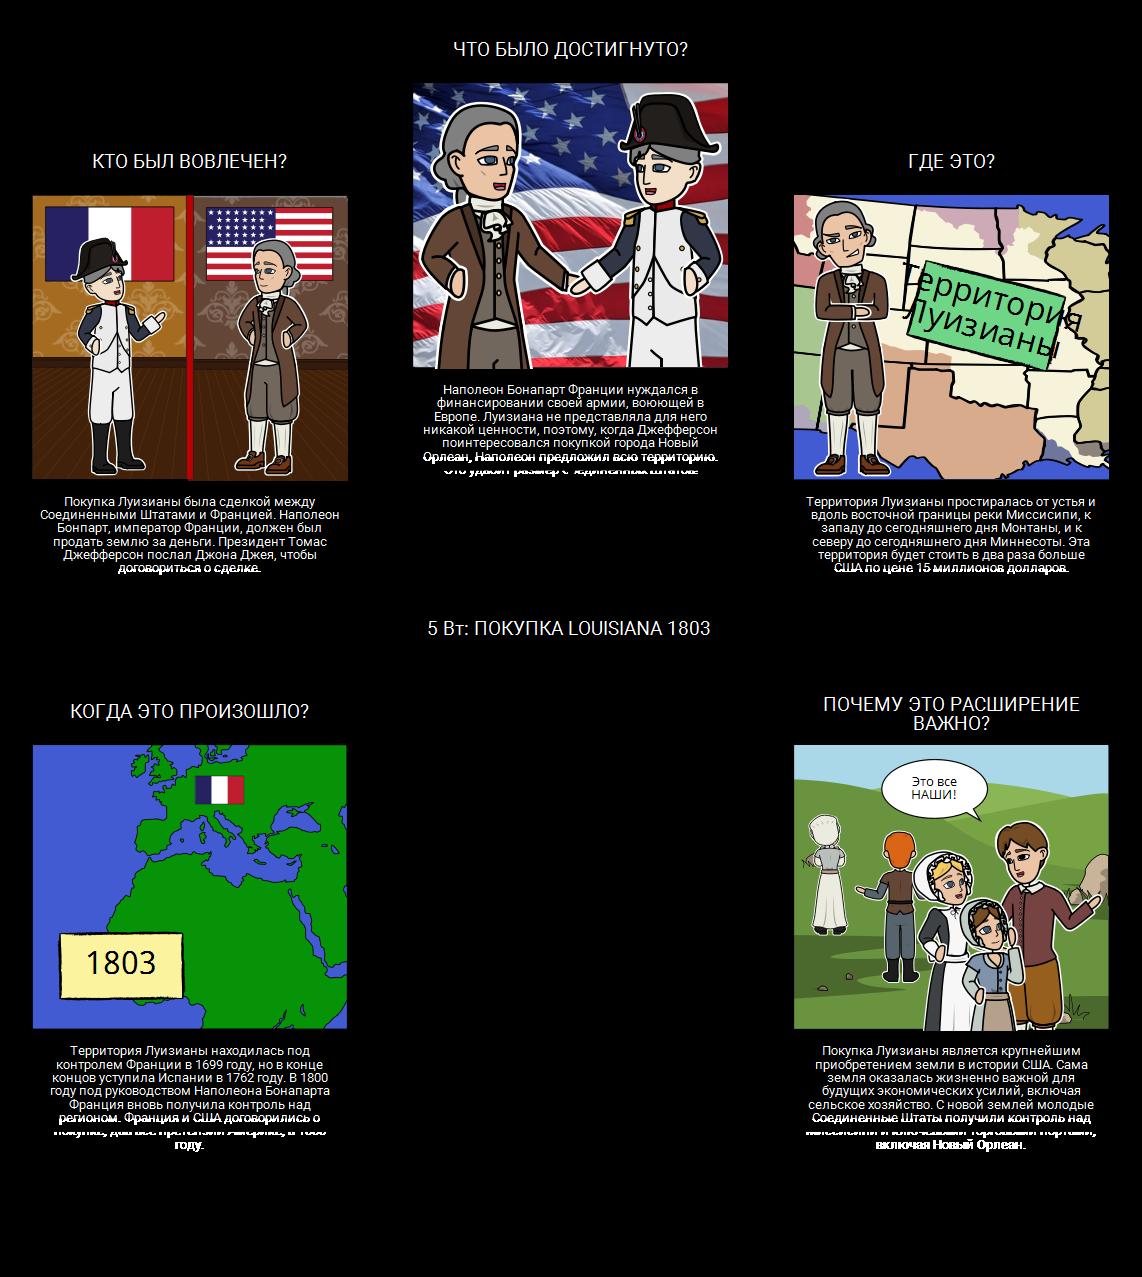 Территориальная экспансия США - Луизиана Приобретение 1803